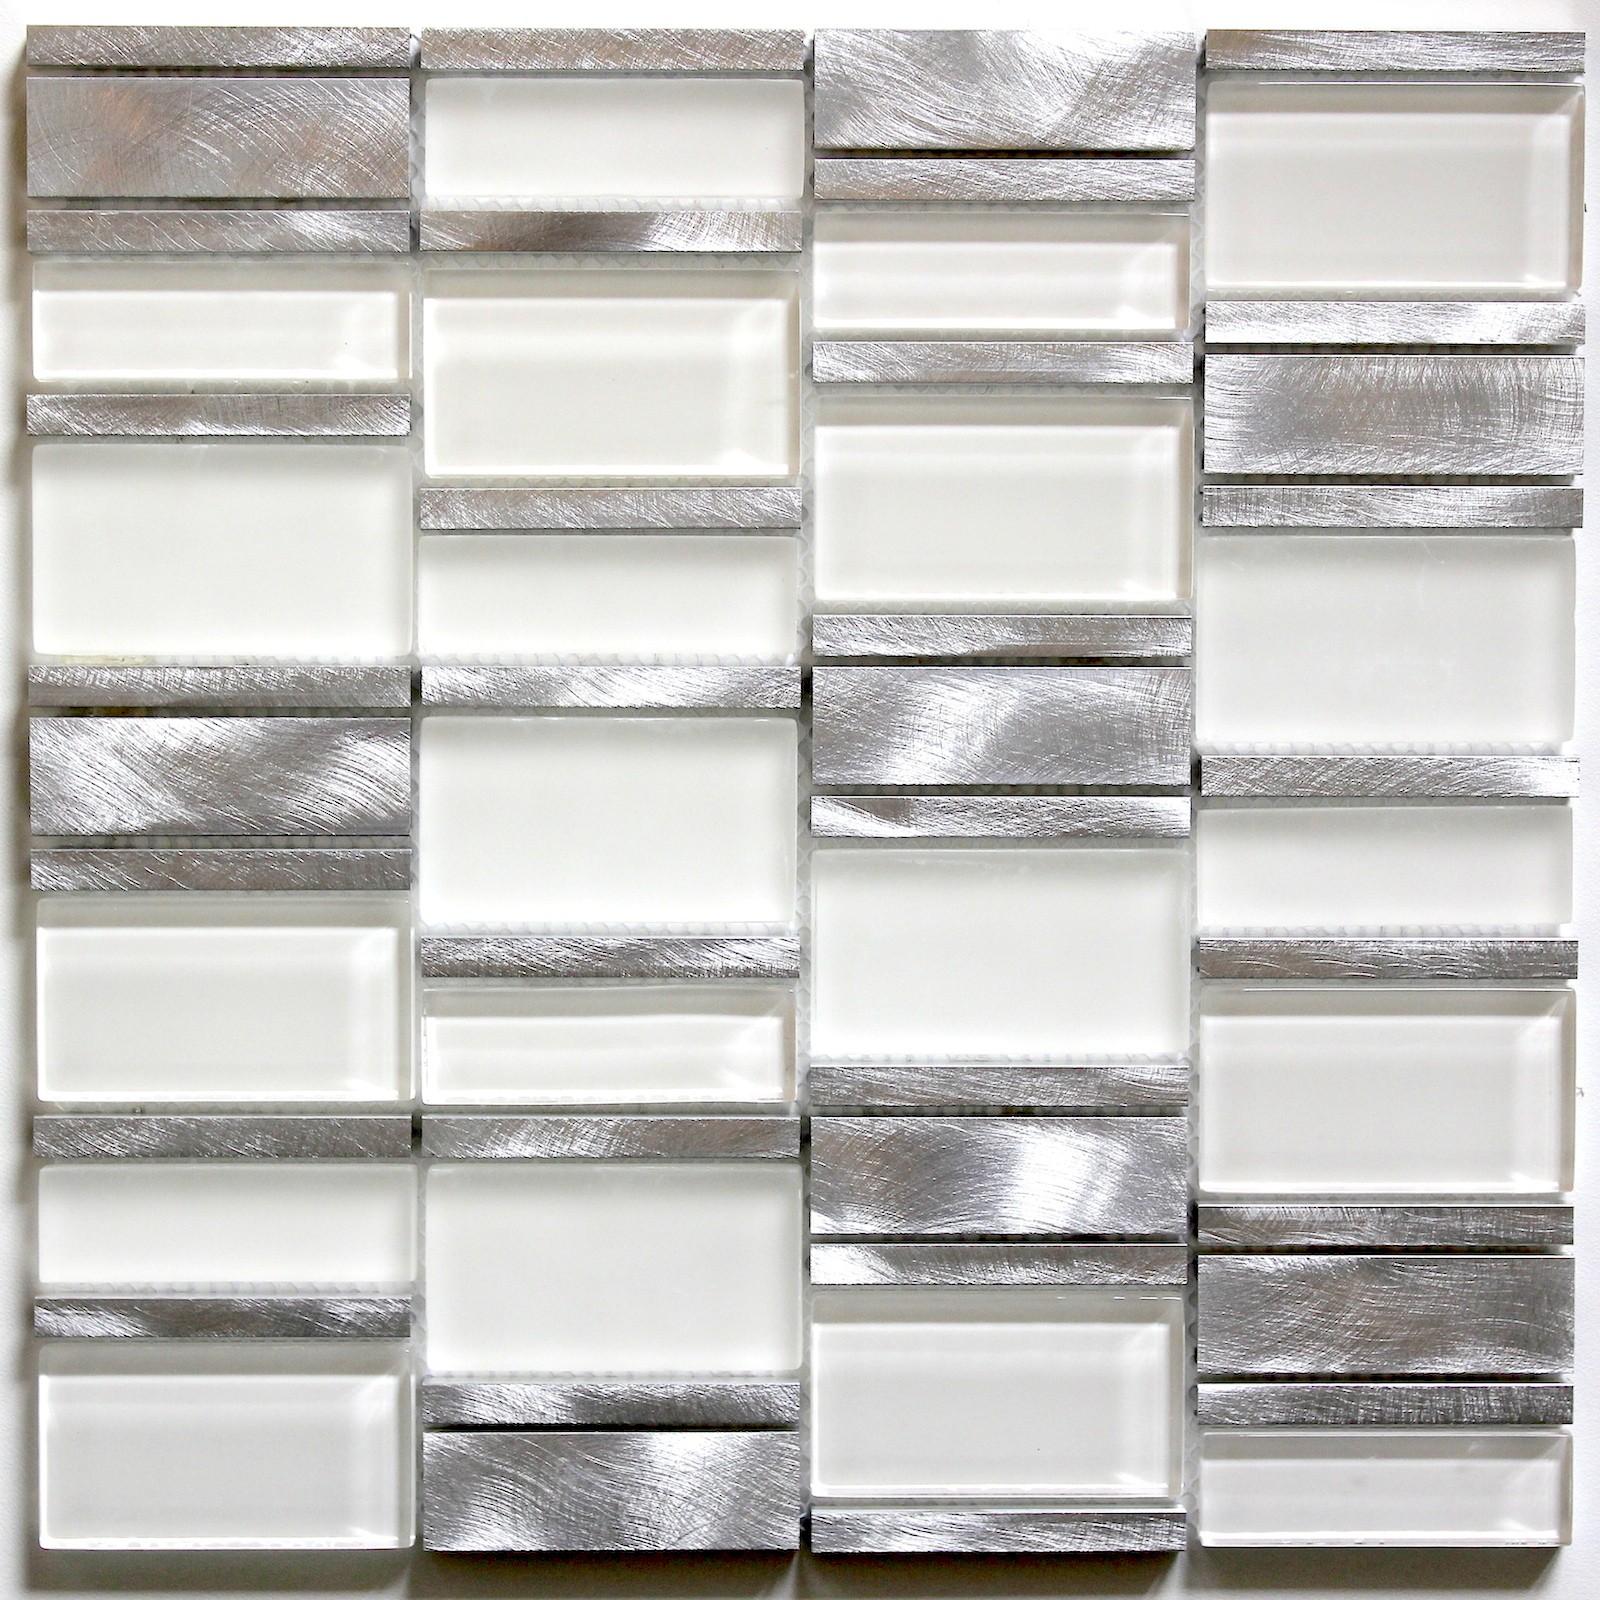 Plaque Sur Carrelage Cuisine dalle mosaique aluminium et verre carrelage cuisine crédence